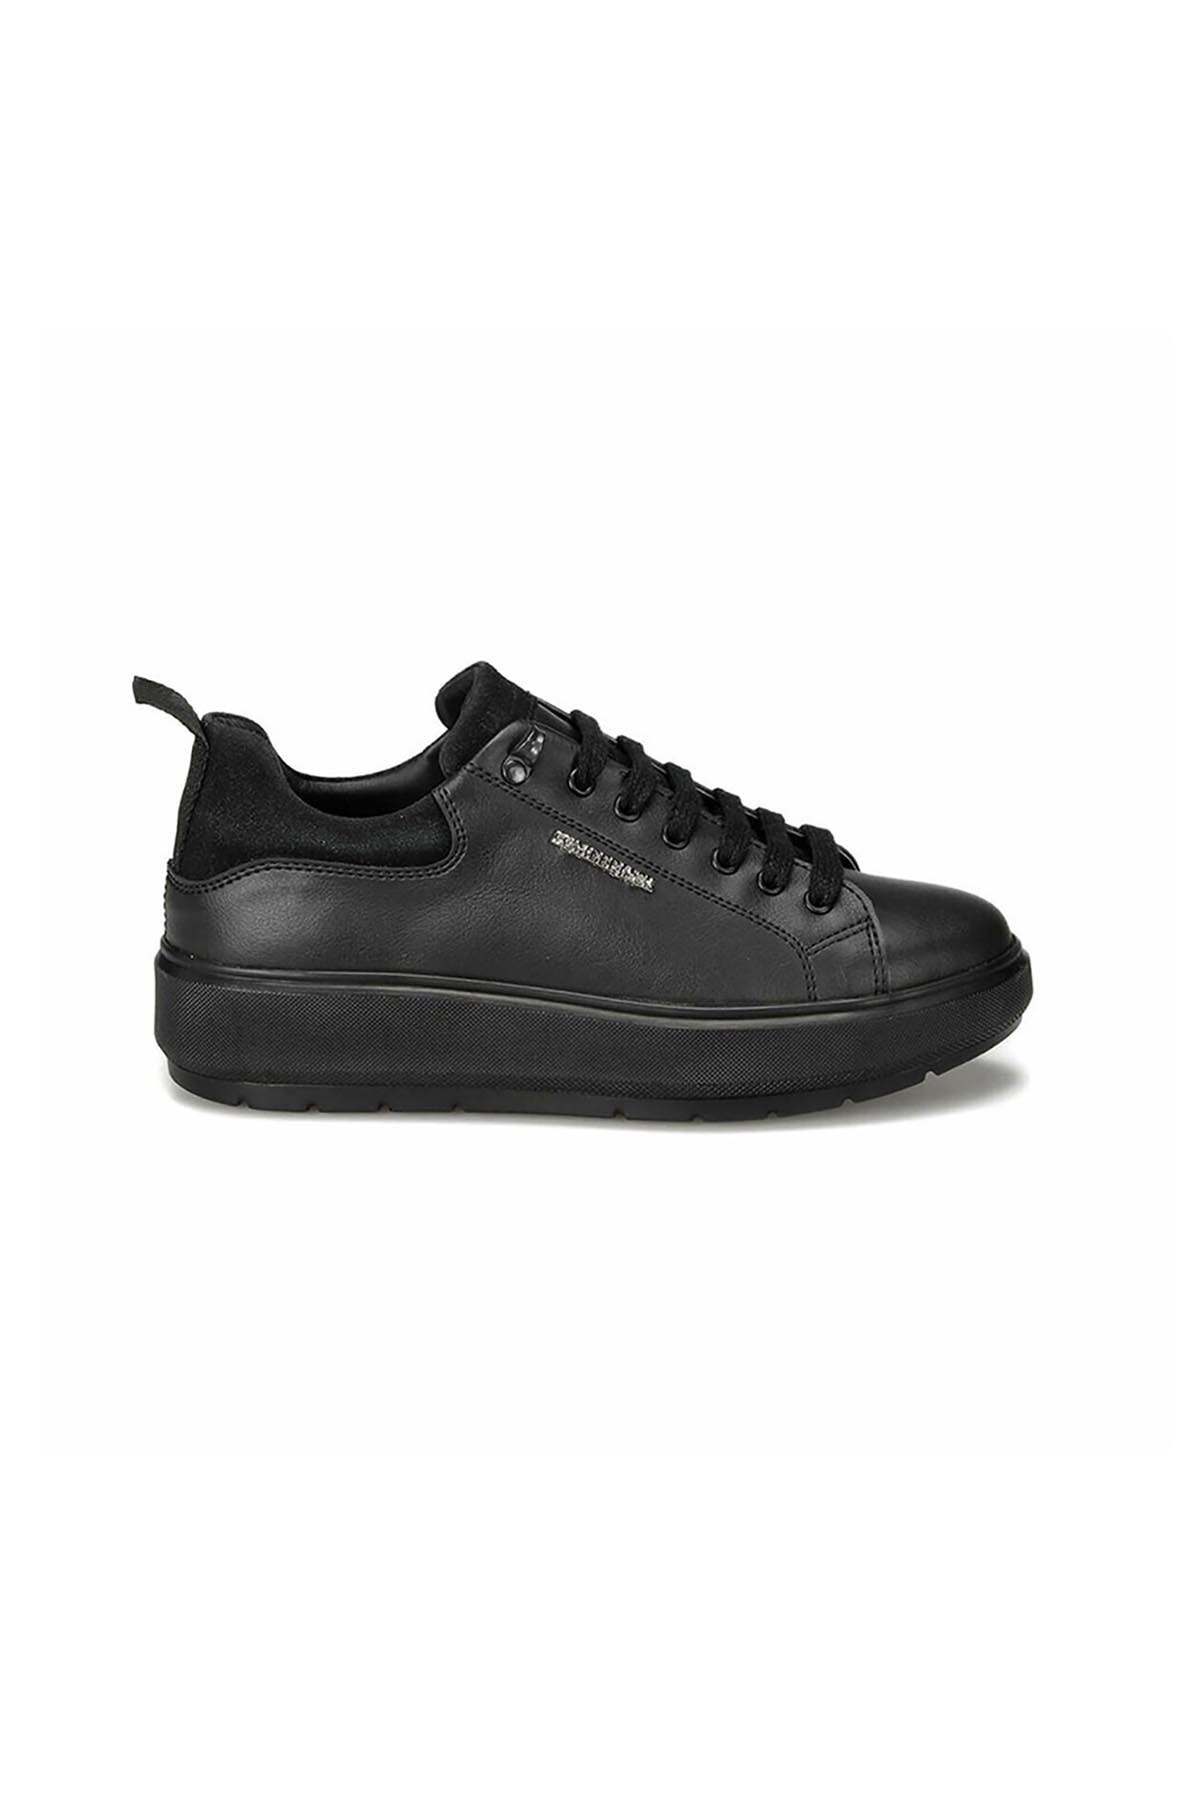 lumberjack Kadın Siyah Kalın Taban Ayakkabı Fıona 100434702 1